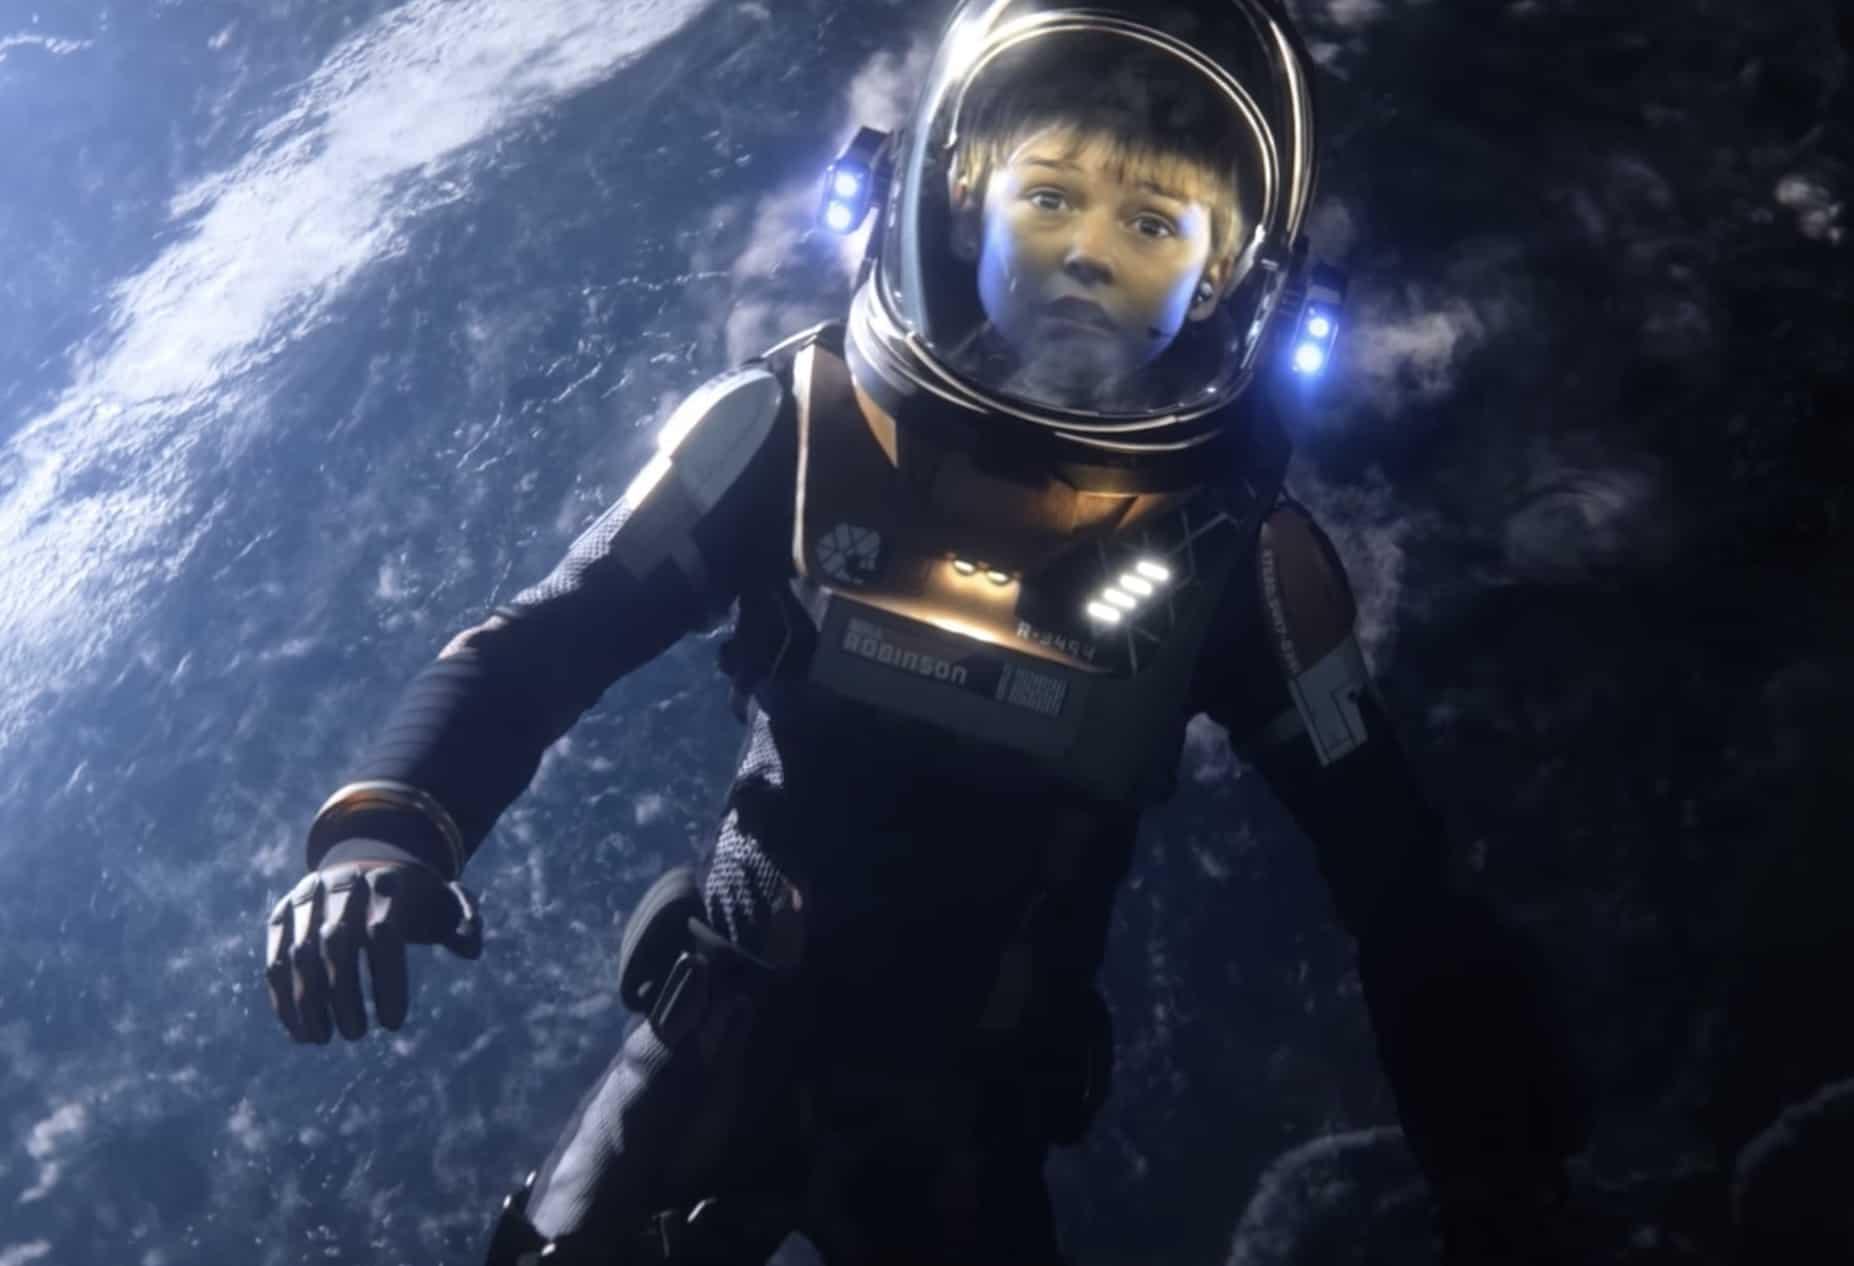 Perdus dans l'espace : une bande-annonce impressionnante pour la série Netflix